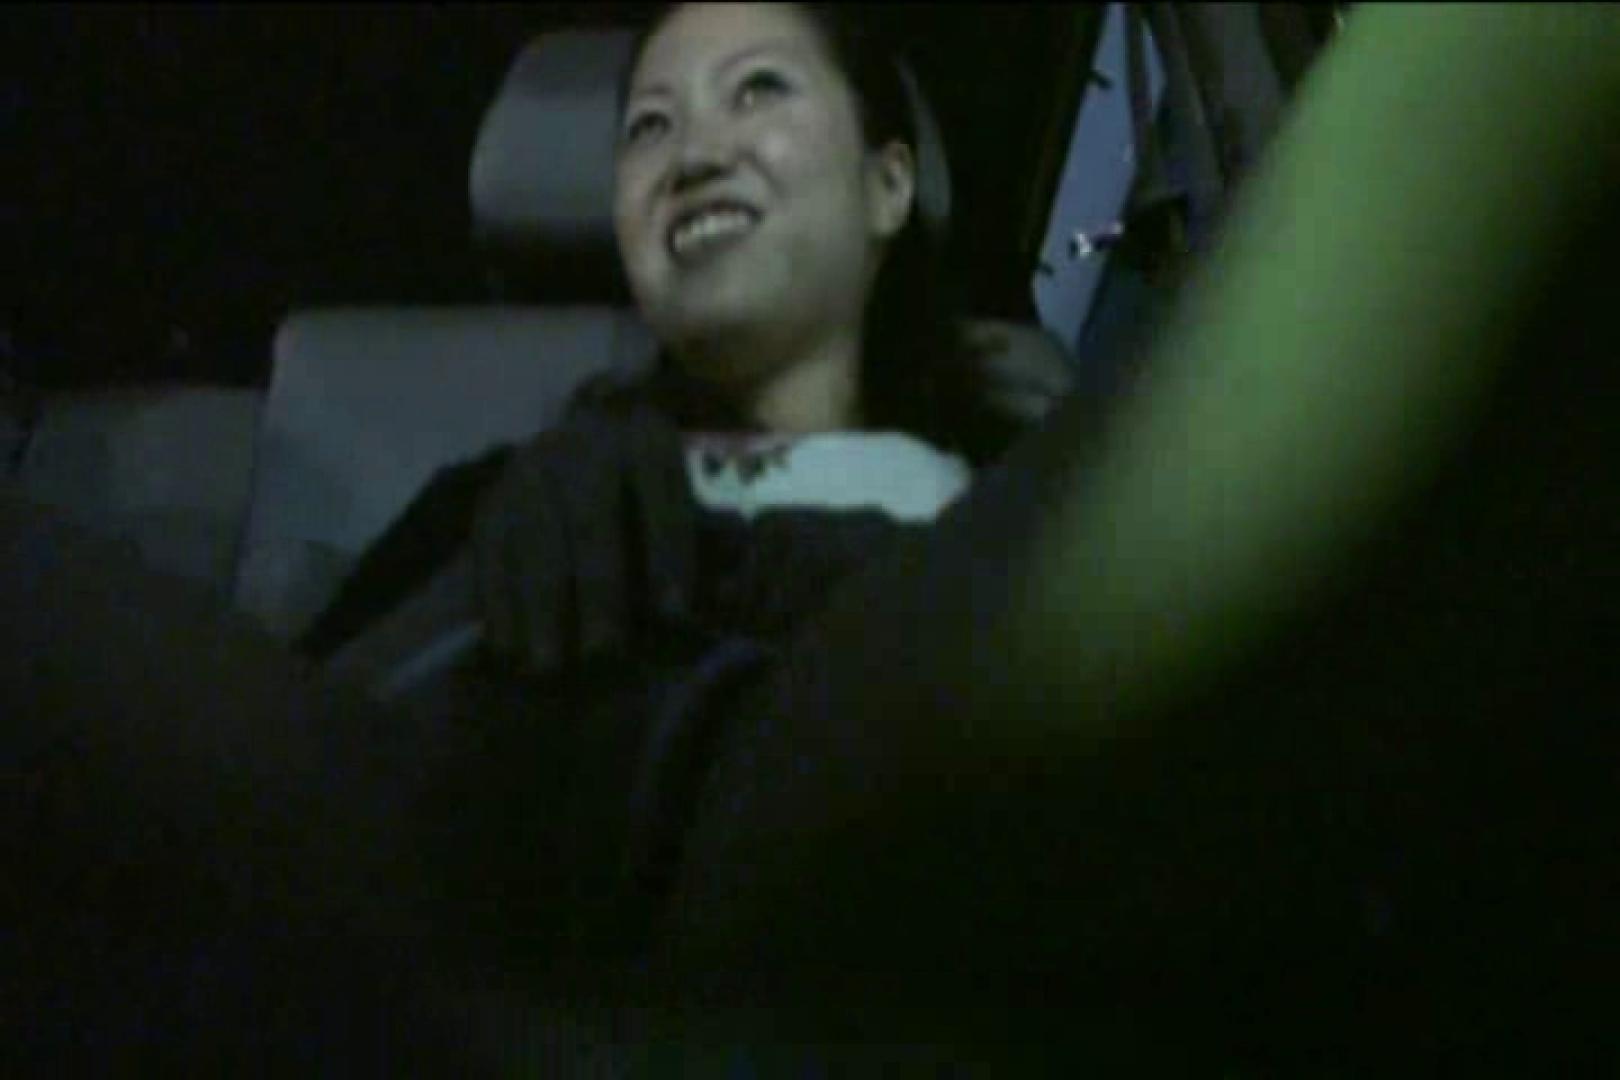 車内で初めまして! vol01 投稿 | 盗撮動画  9枚 7